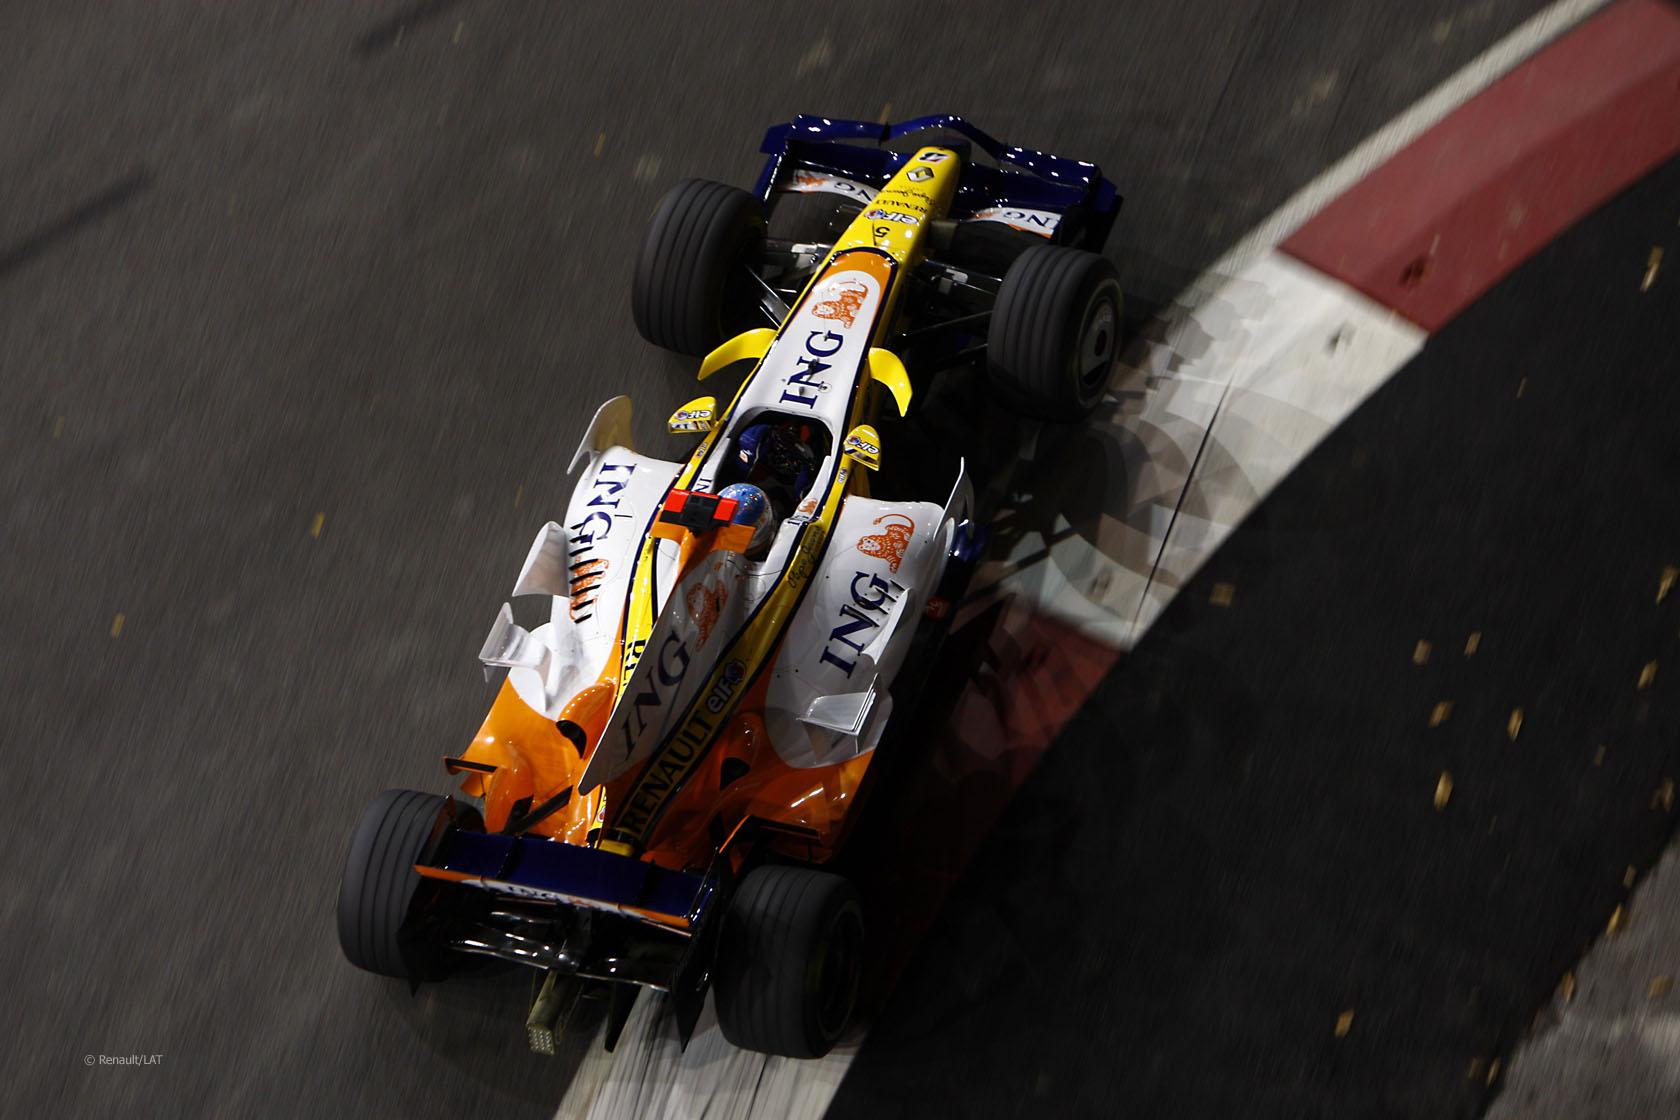 Fernando Alonso, Renault R28, Singapore, 2008